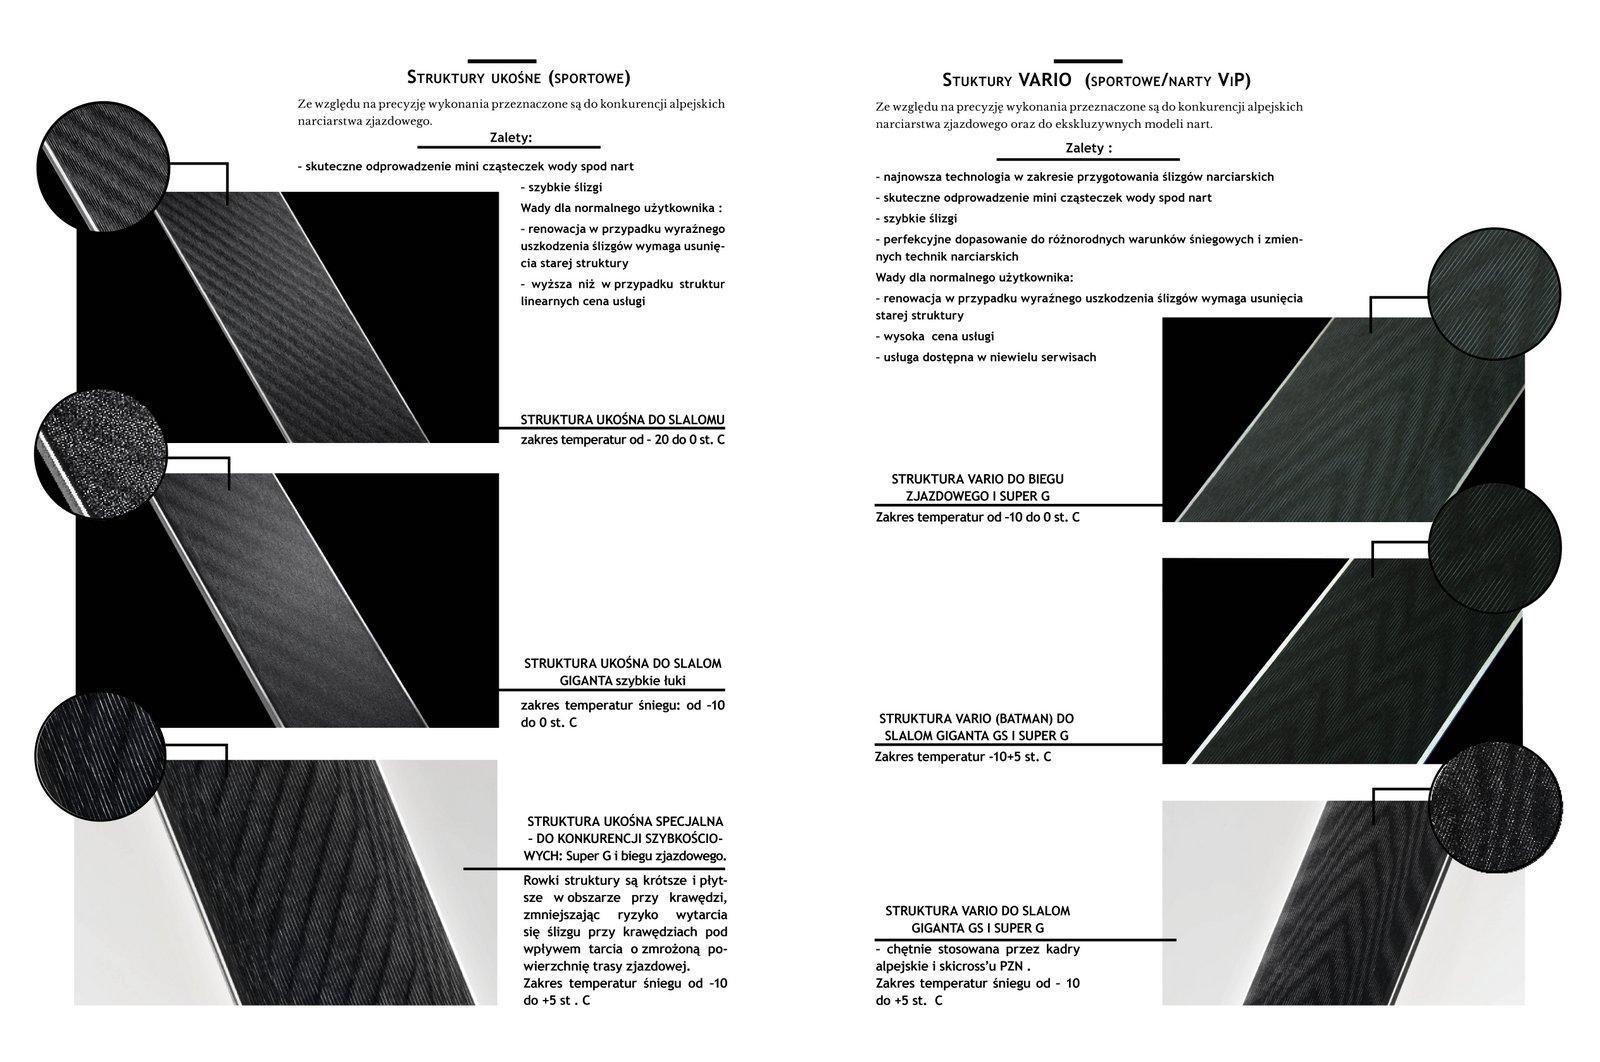 1-struktury2.jpg